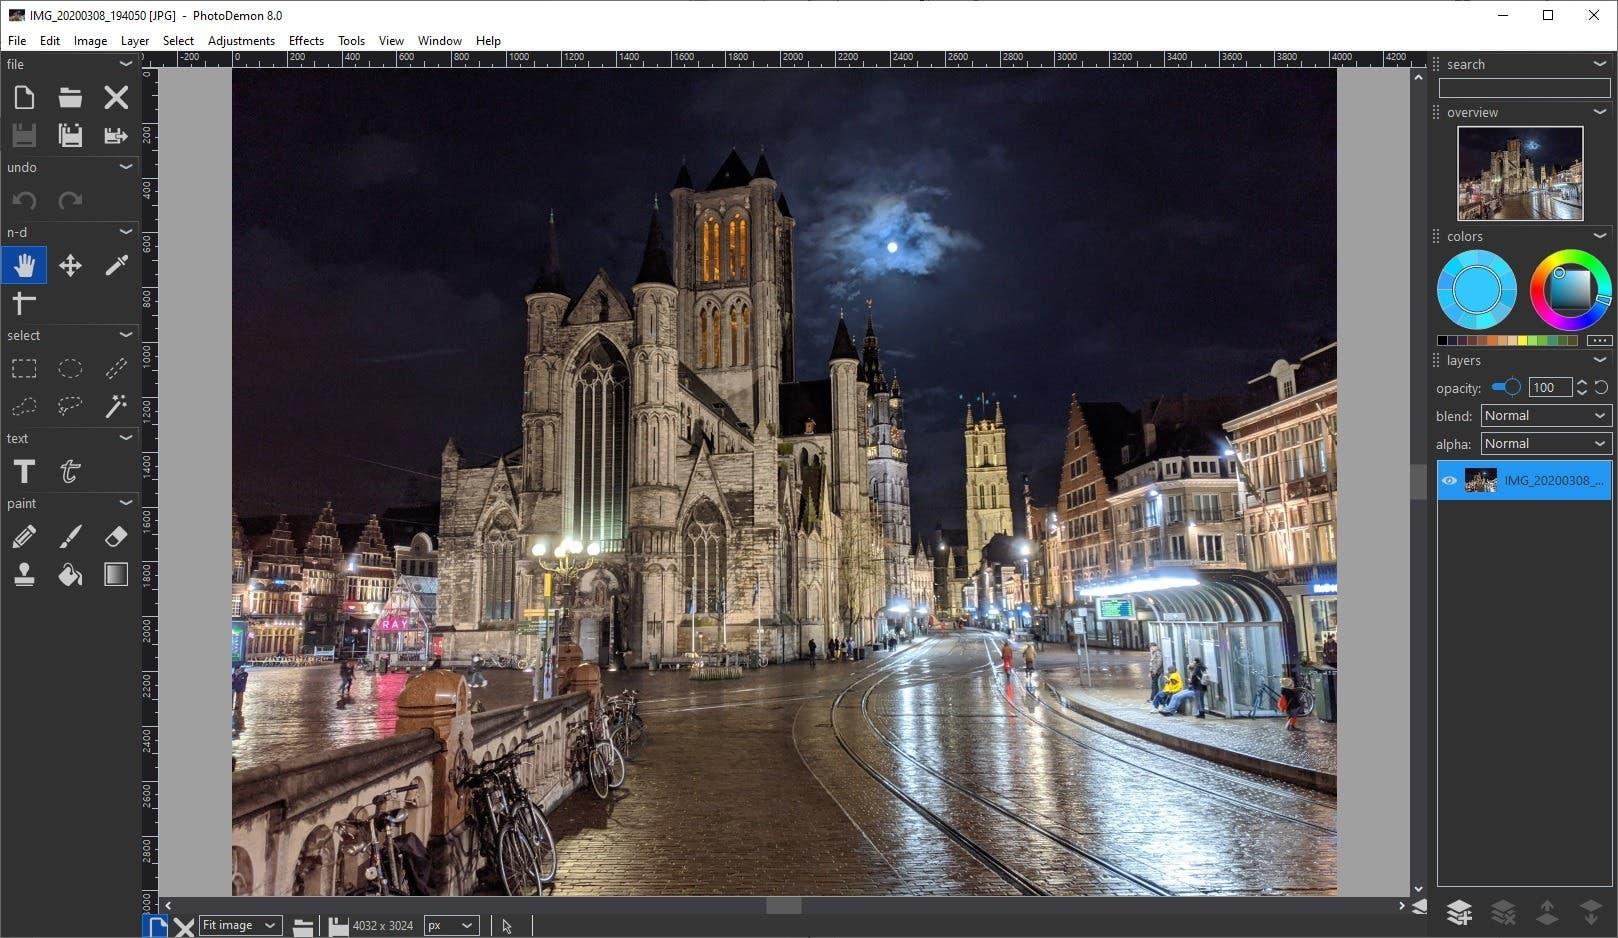 interfaz de fotodemonio